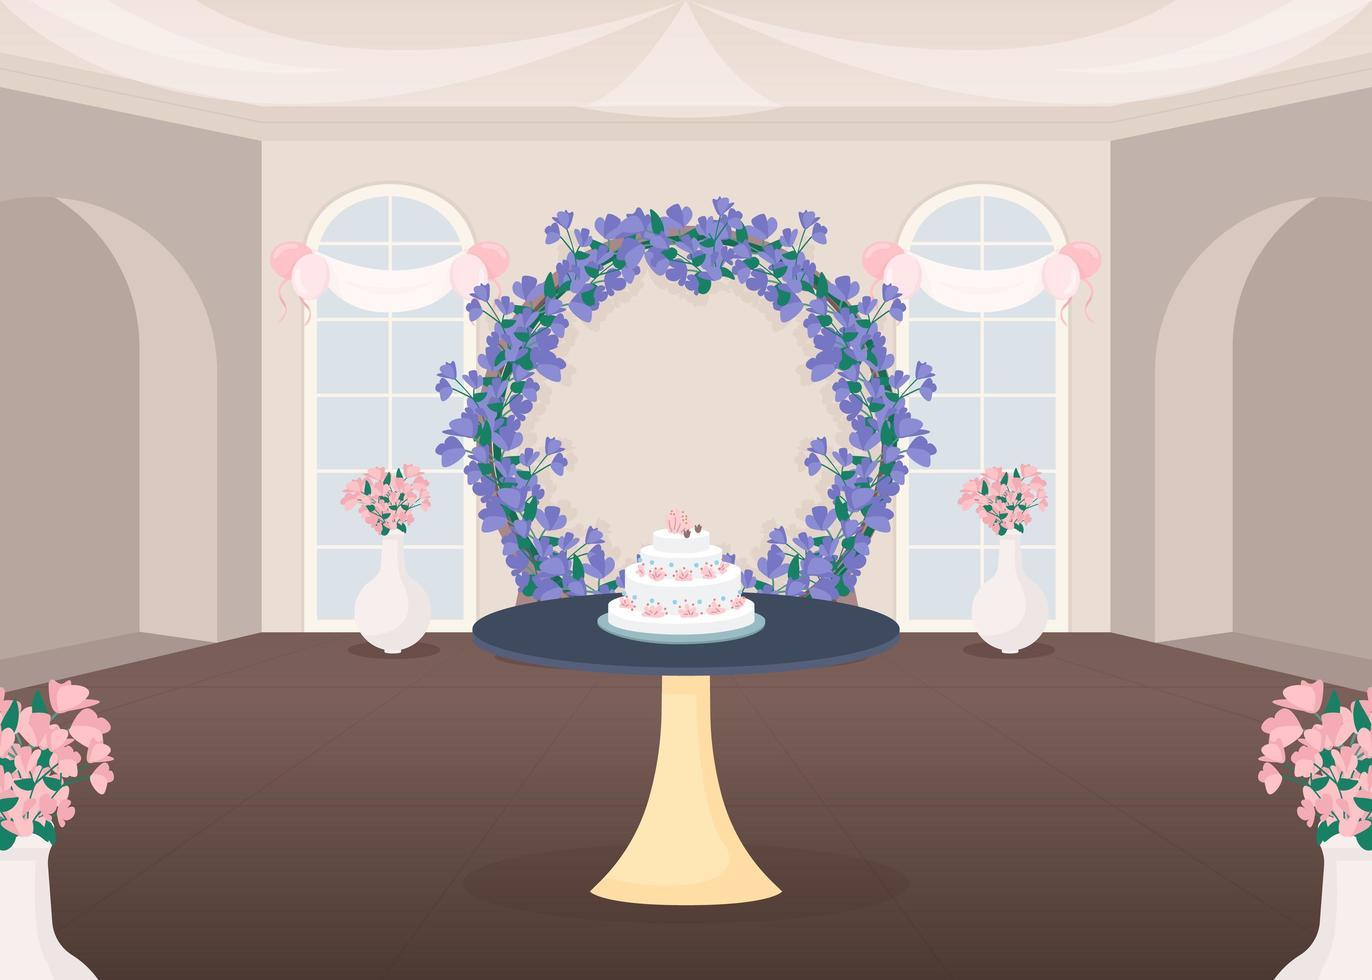 salle de banquet et gâteau vecteur